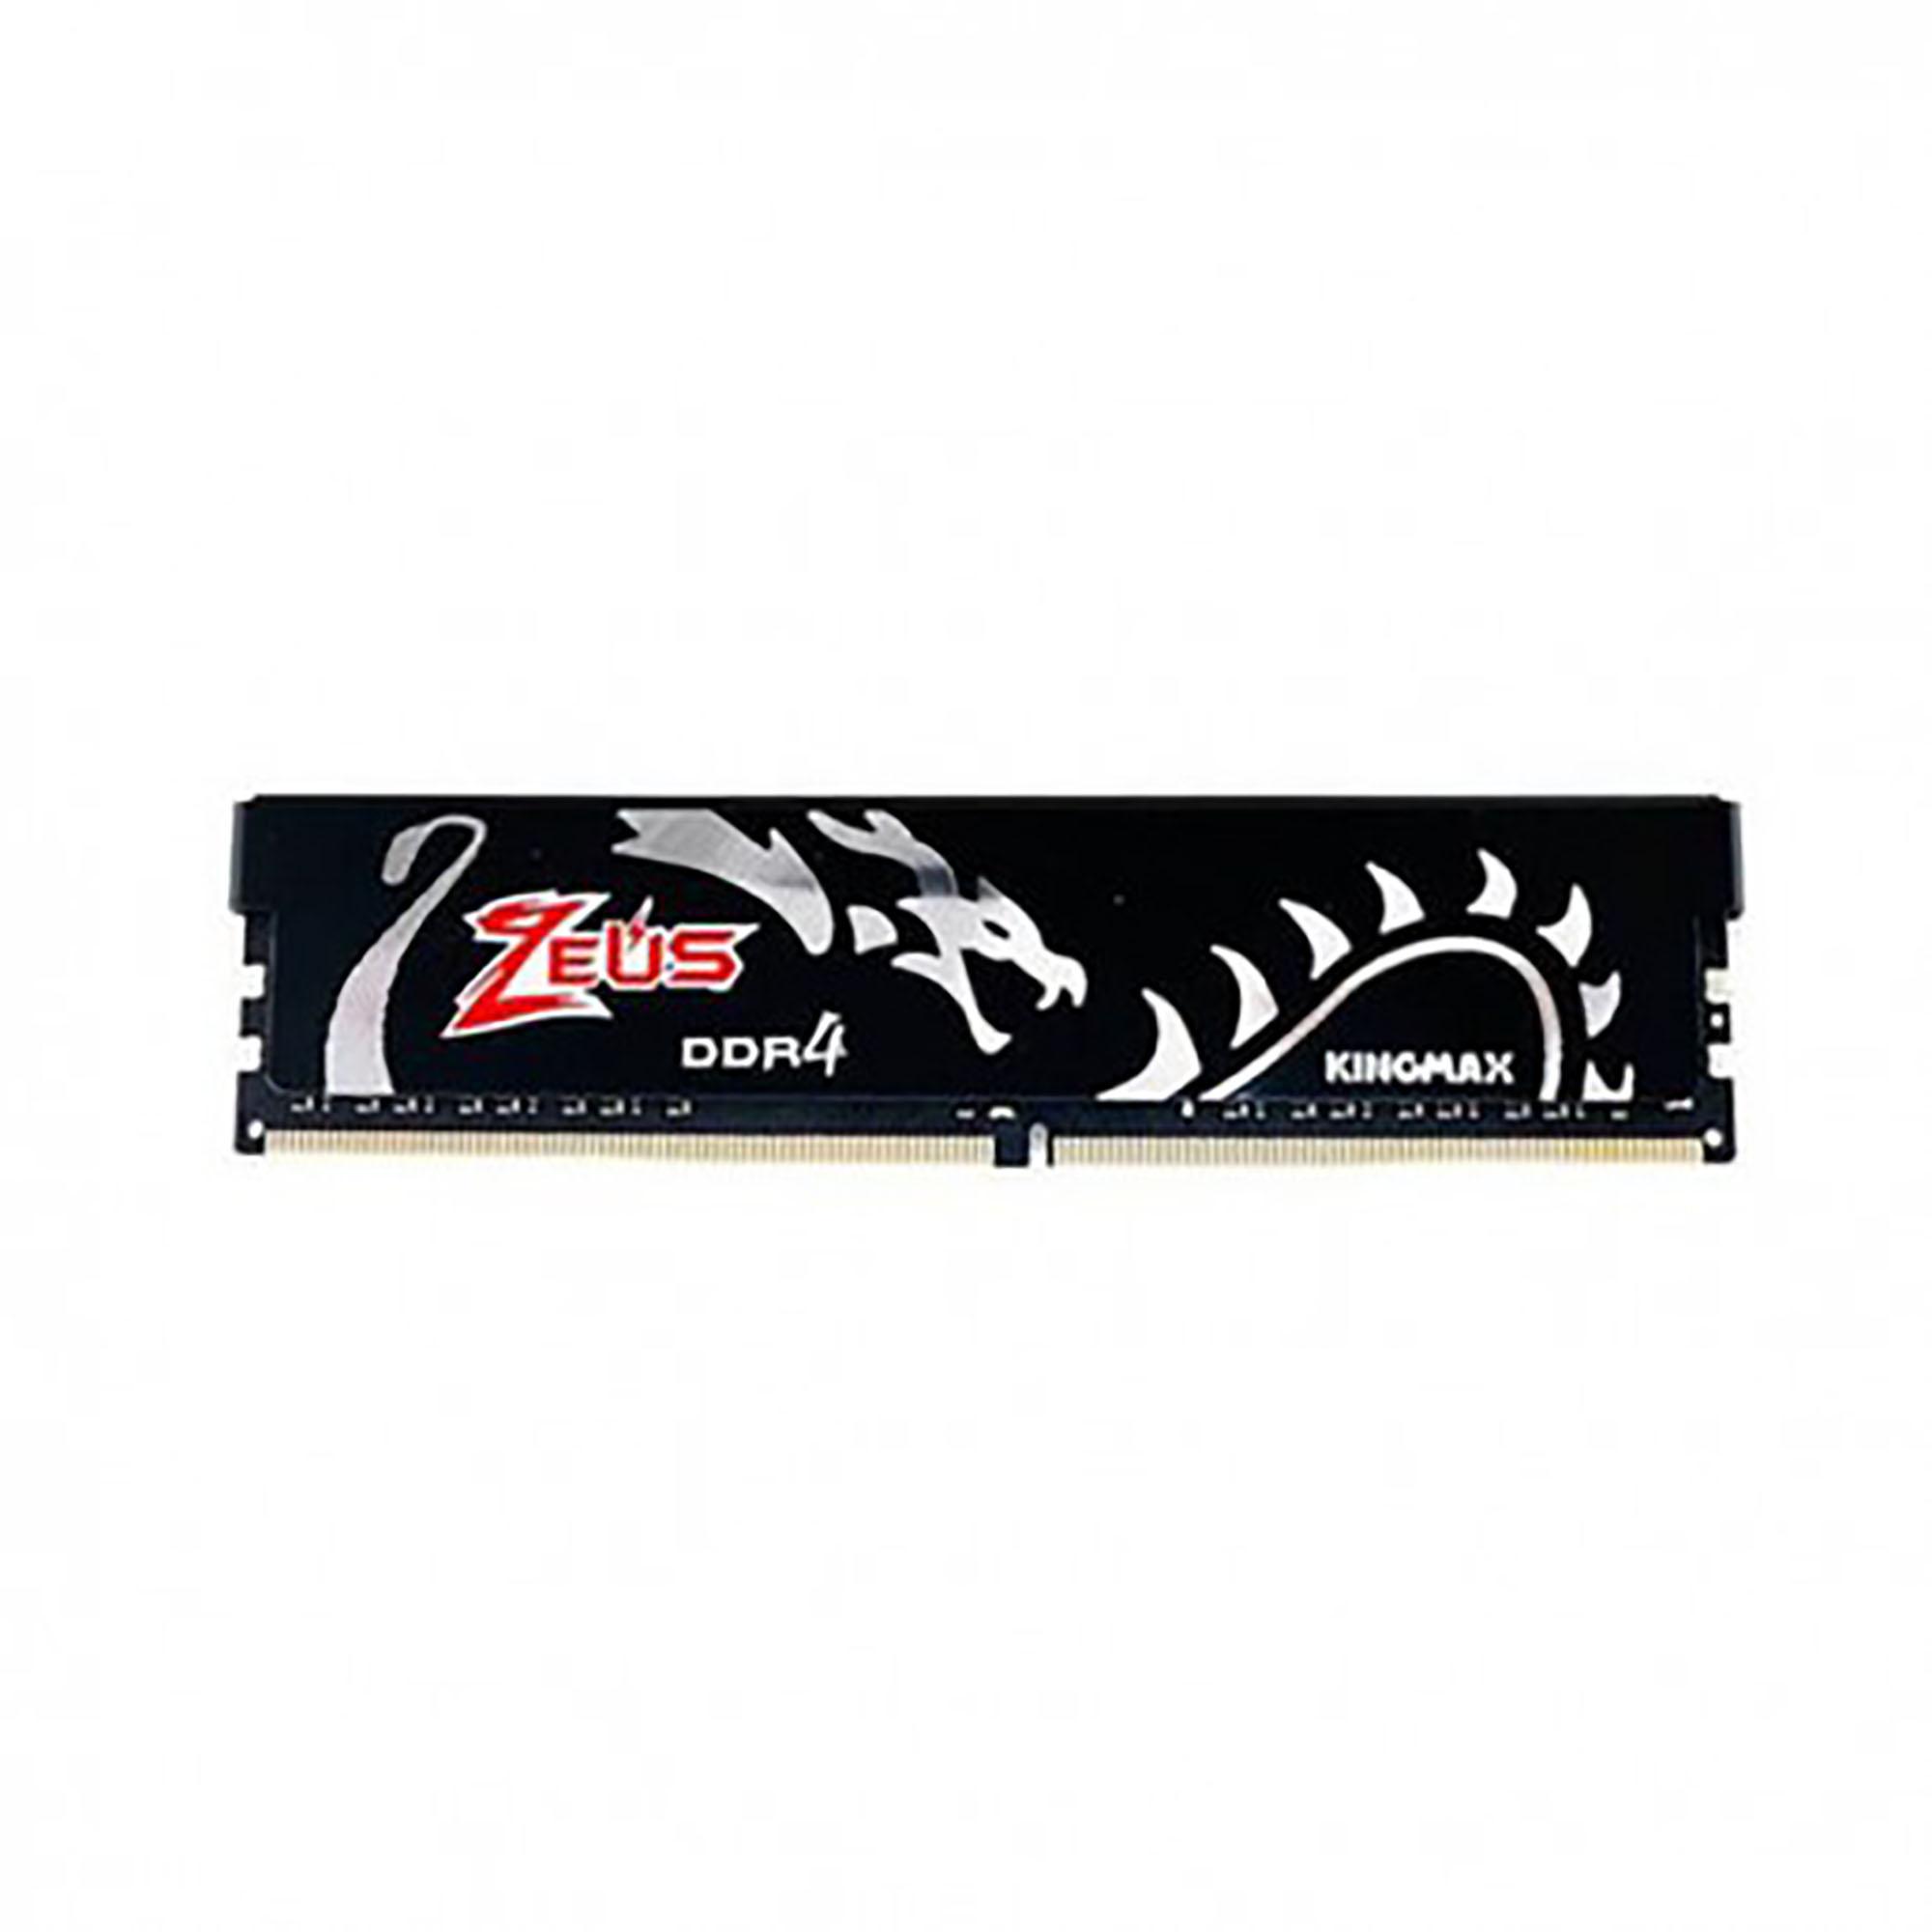 رم دسکتاپ DDR4 تک کاناله 3200 مگاهرتز CL16 کینگ مکس مدل Zeus Dragon ظرفیت16گیگابایت